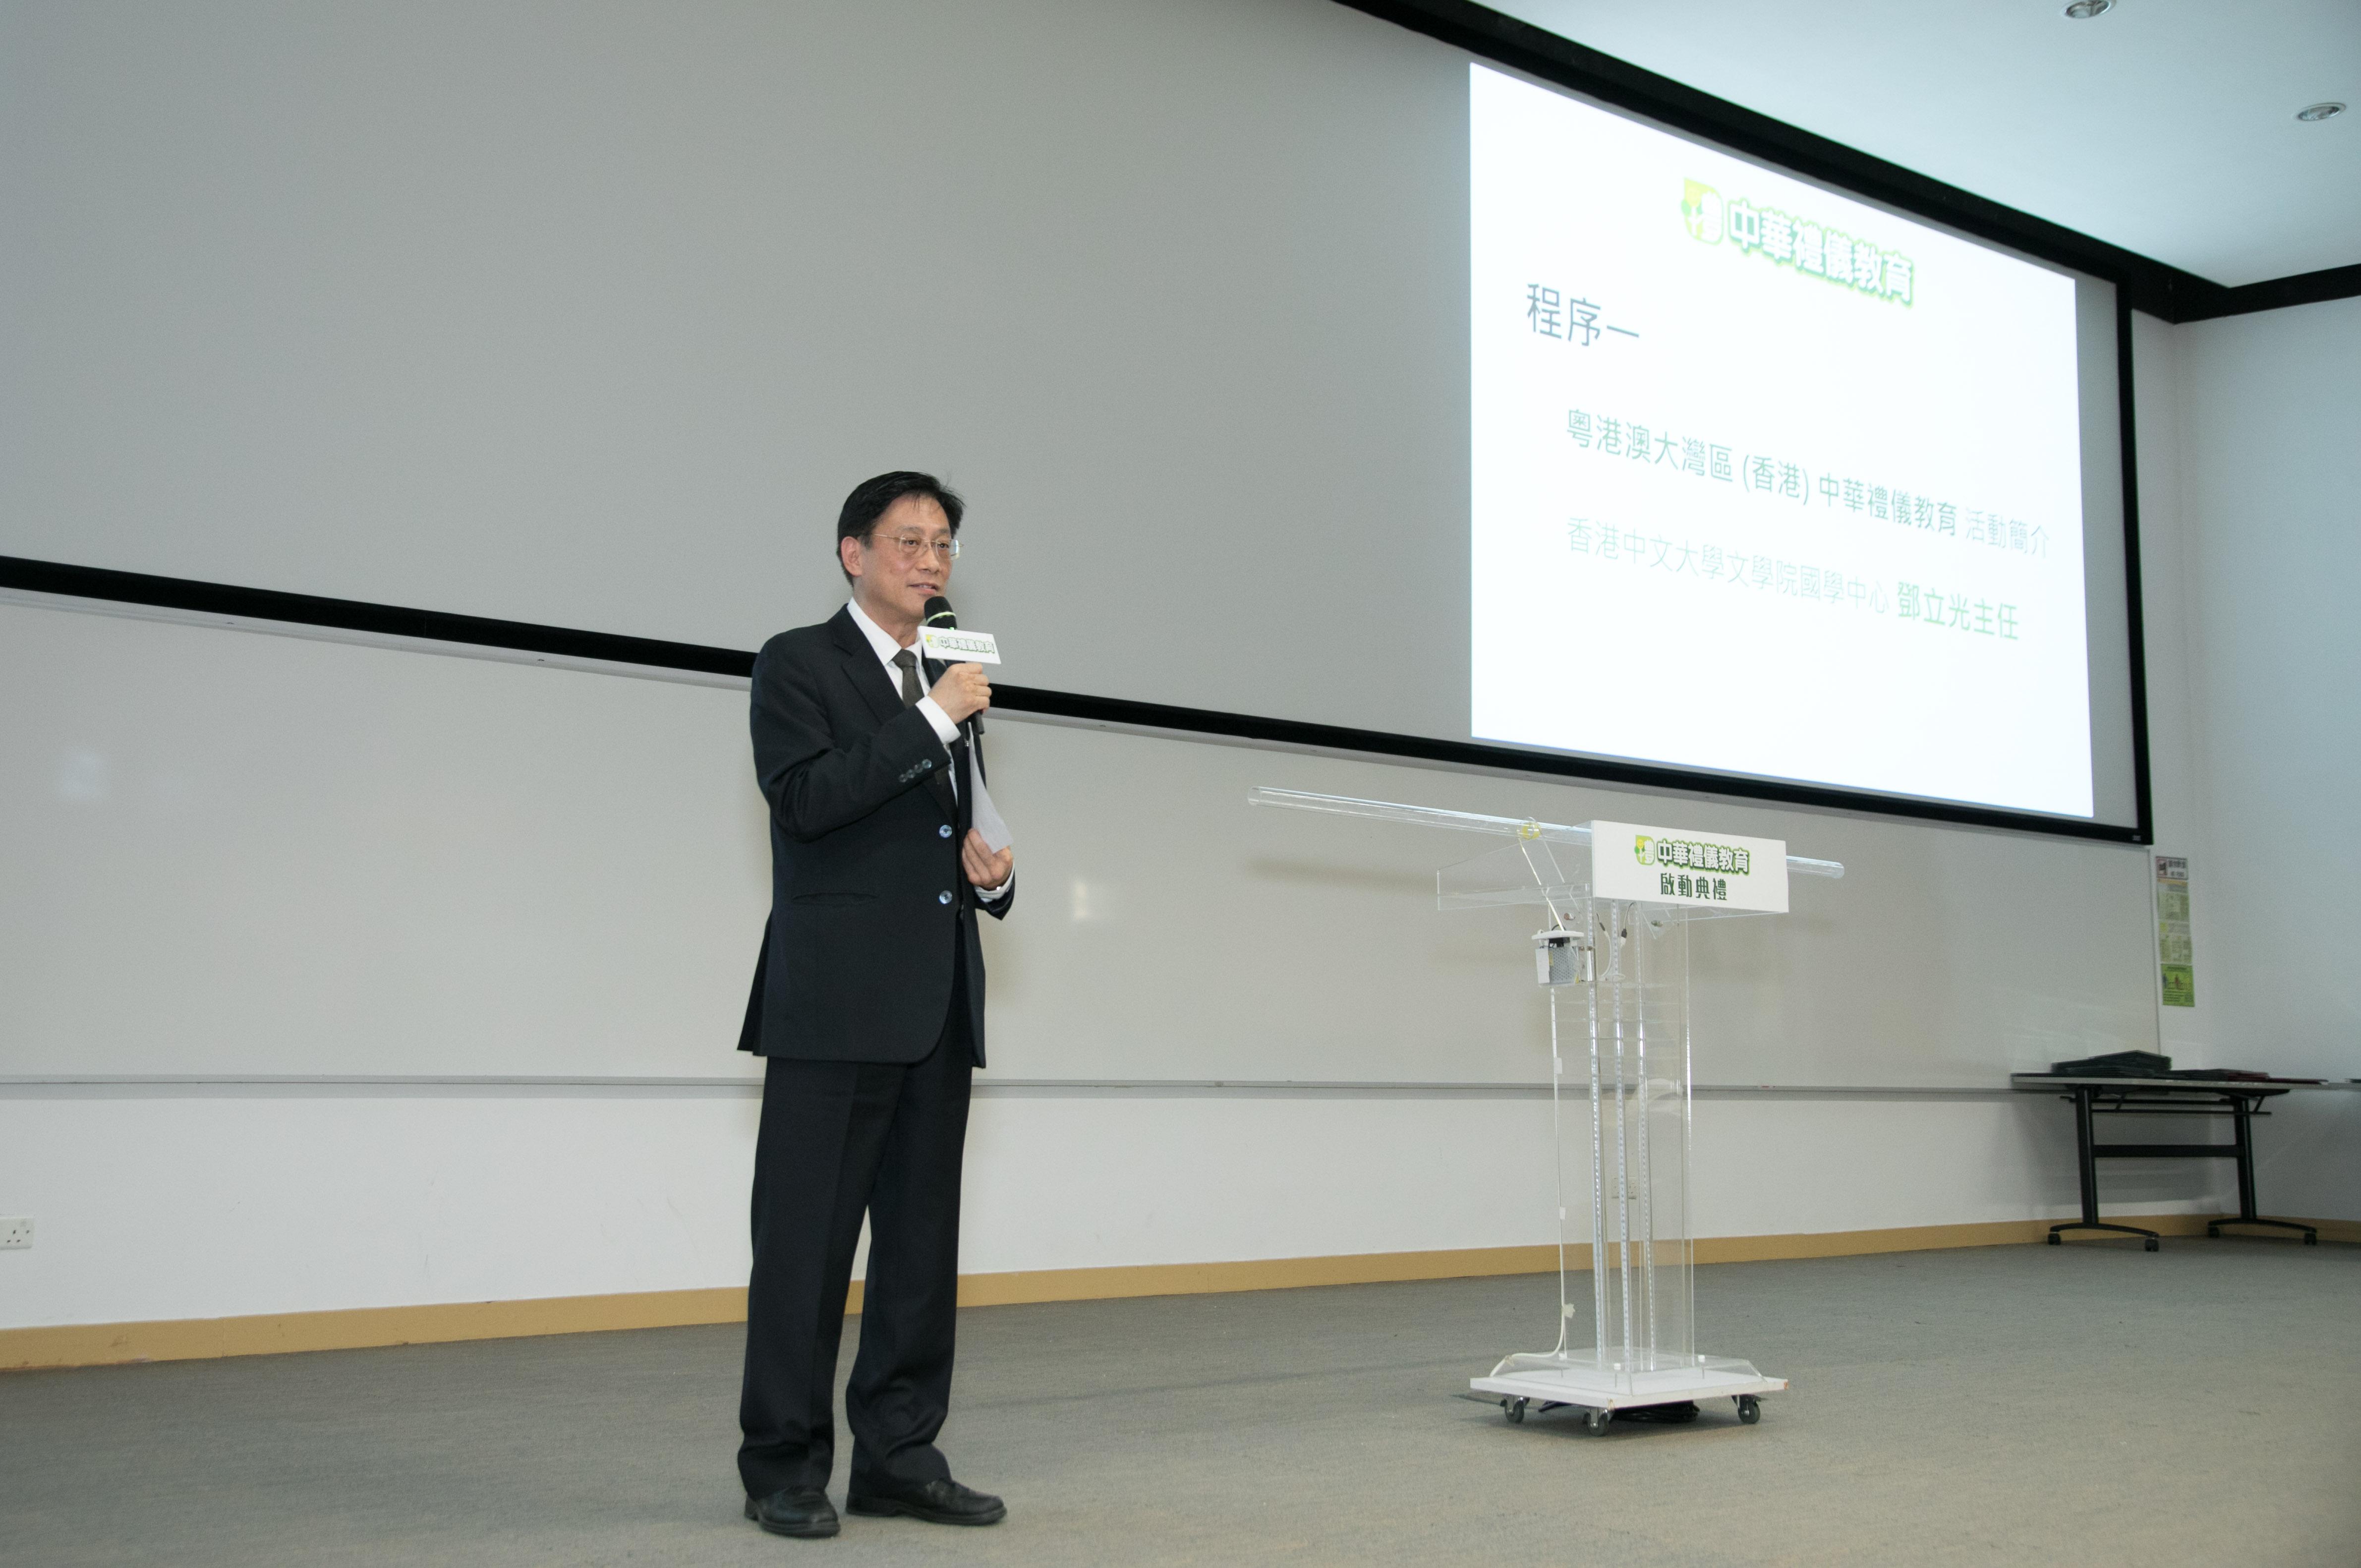 教育傳媒:香港中文大學文學院國學中心鄧立光主任表示,讓孩子從小學習誠敬謙和,培養良好品行。